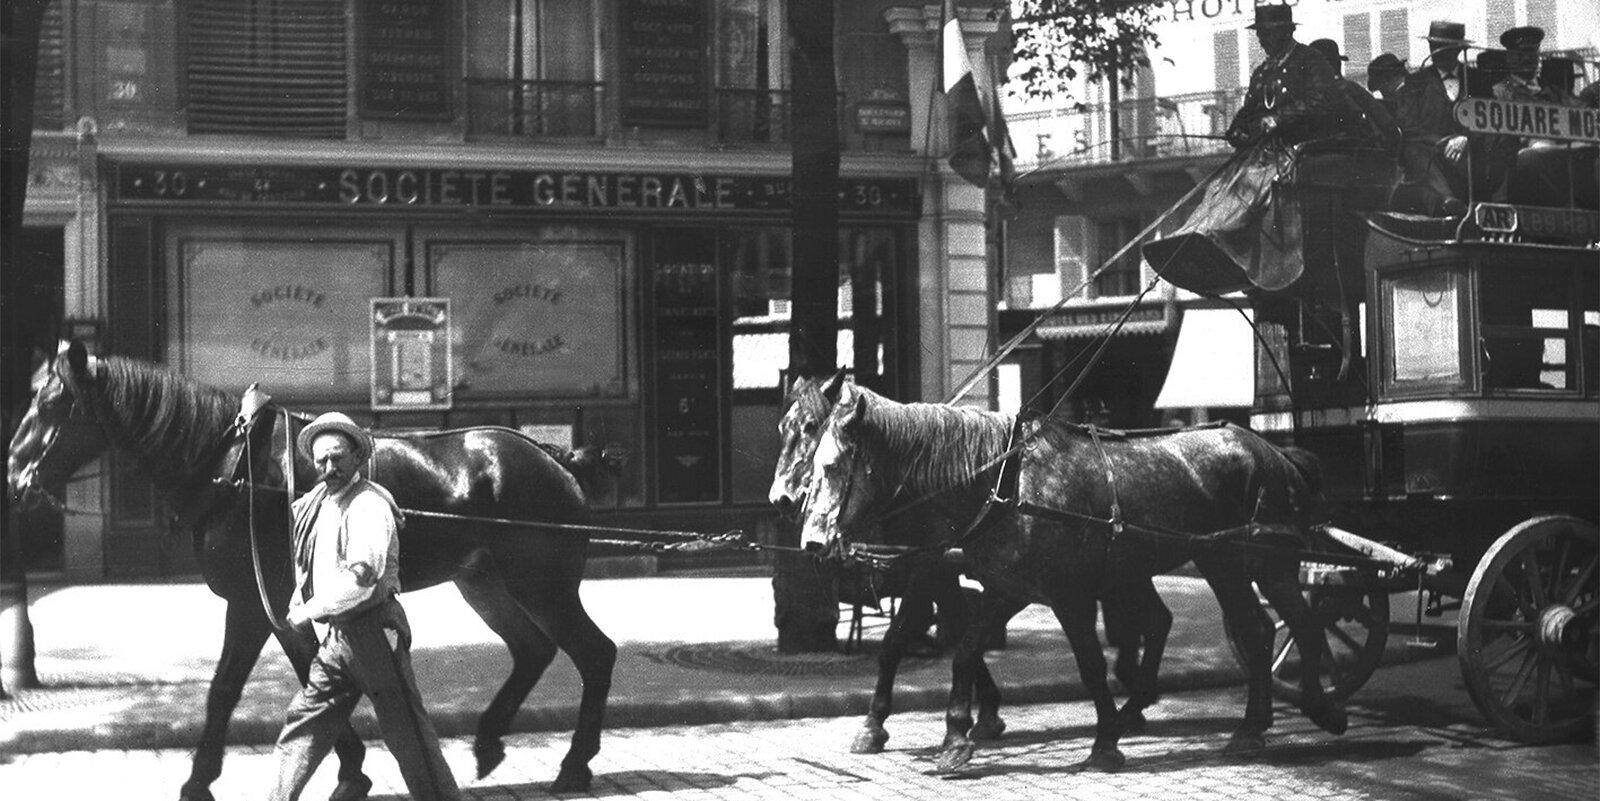 Лошади — один из видов городского транспорта. Фото Н. Щапова. Париж. 1905 год. Главархив Москвы